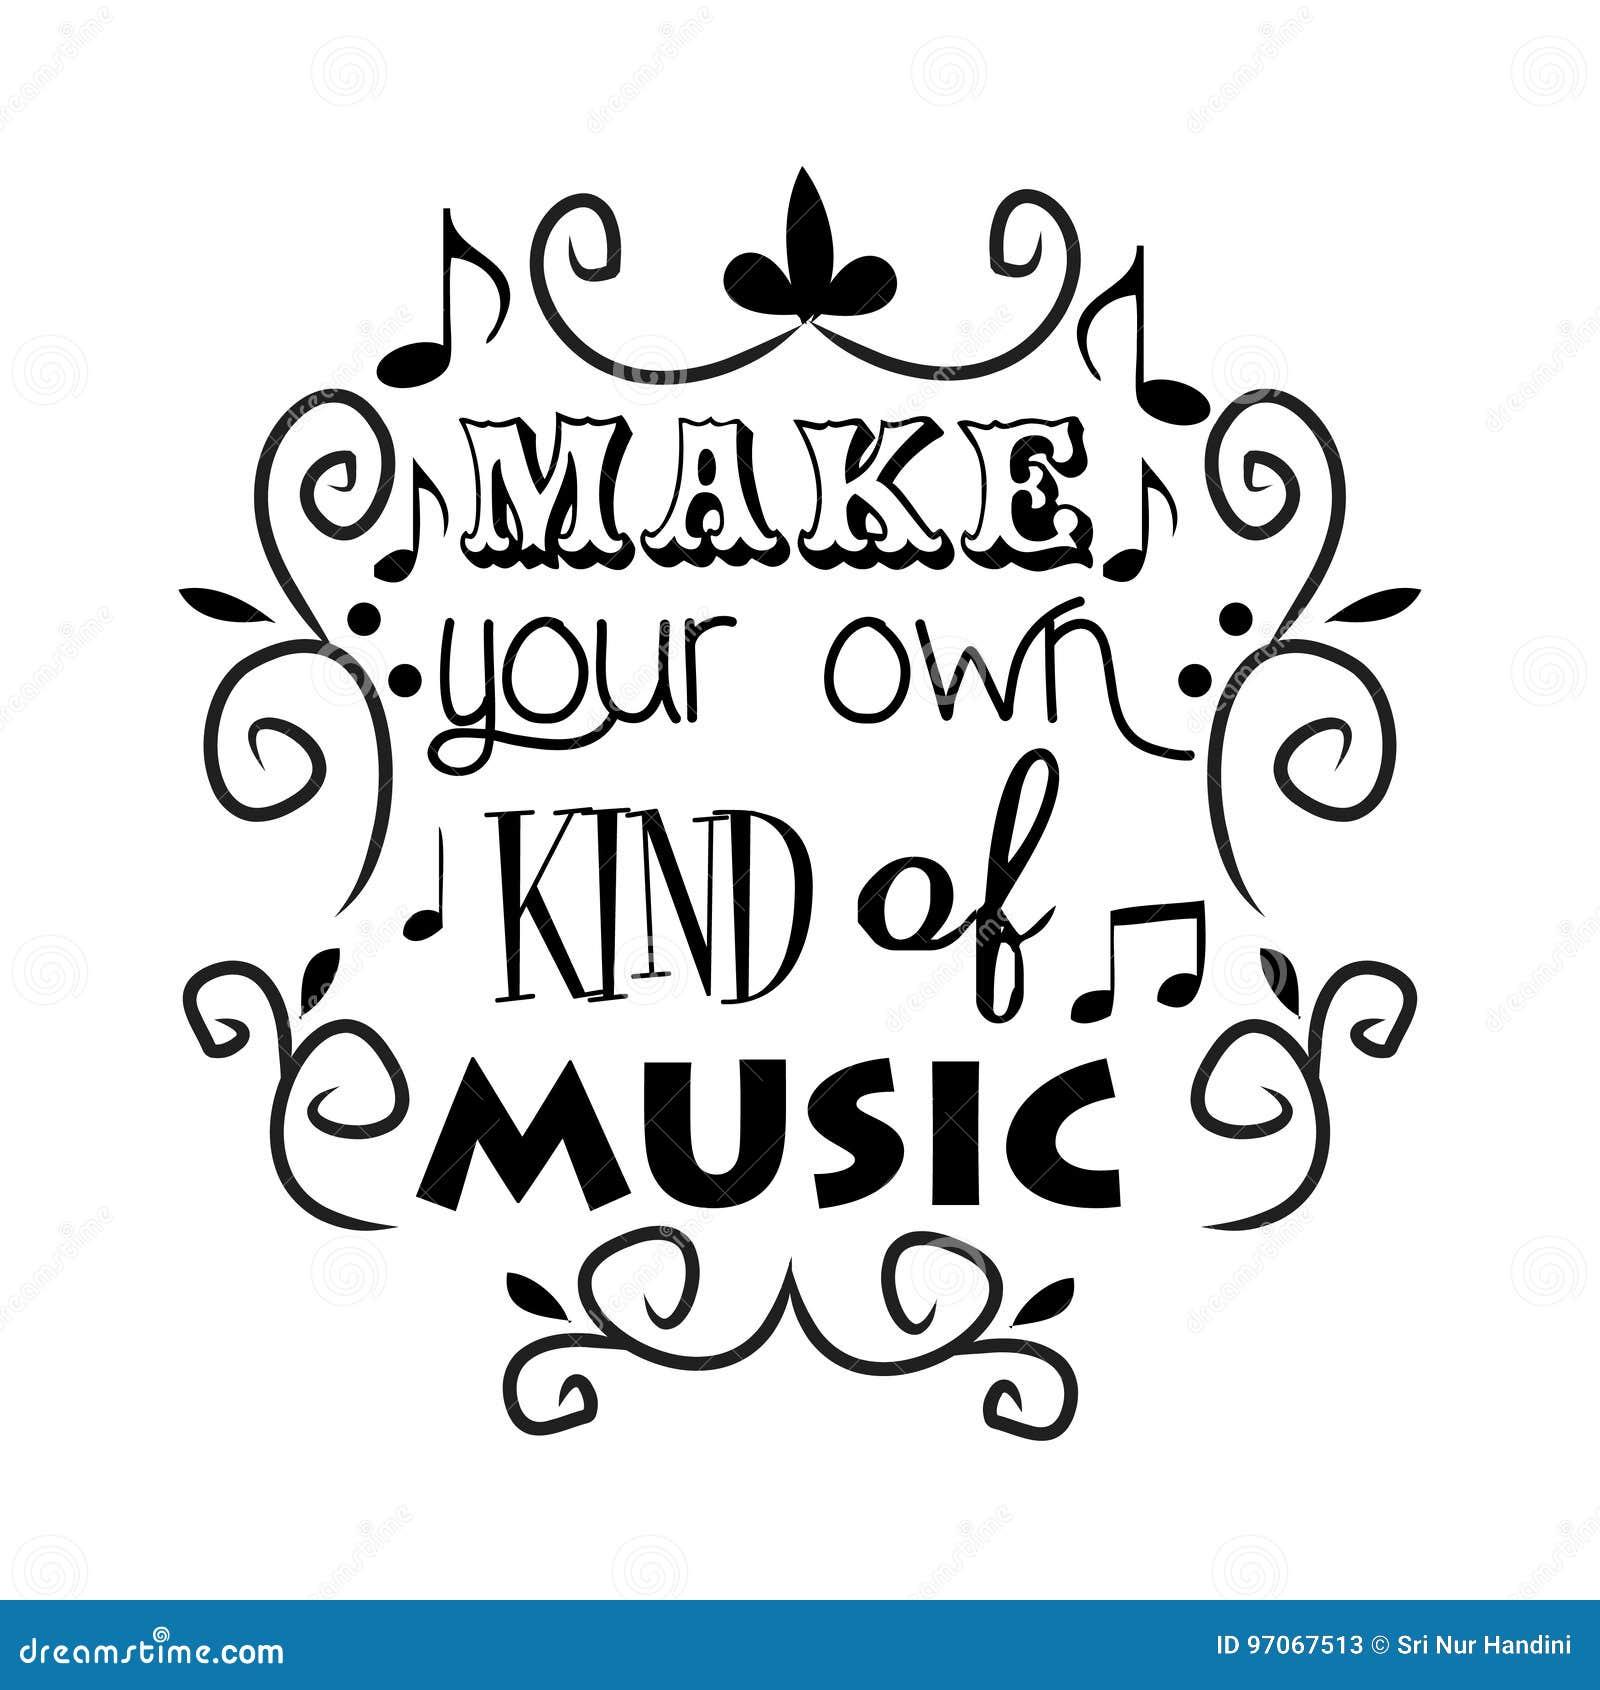 做您自己的种类音乐